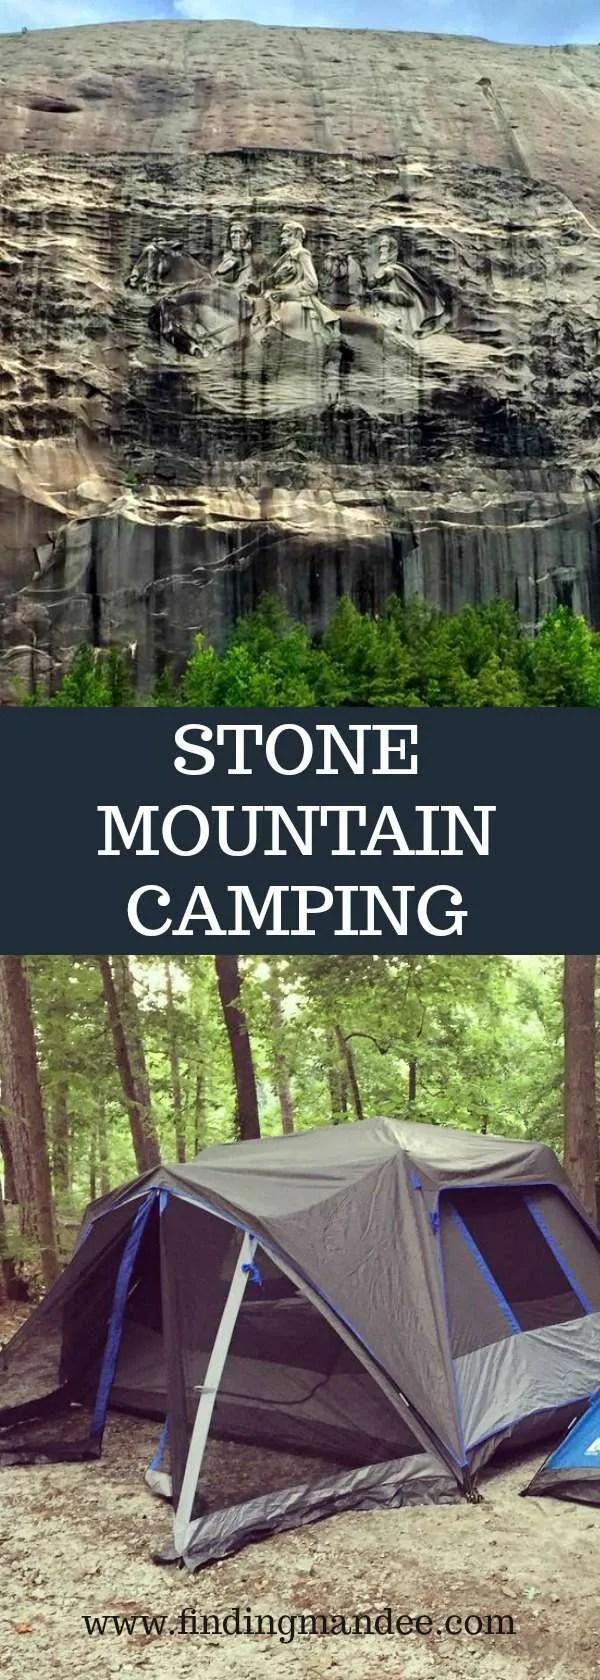 Camping at Stone Mountain, GA